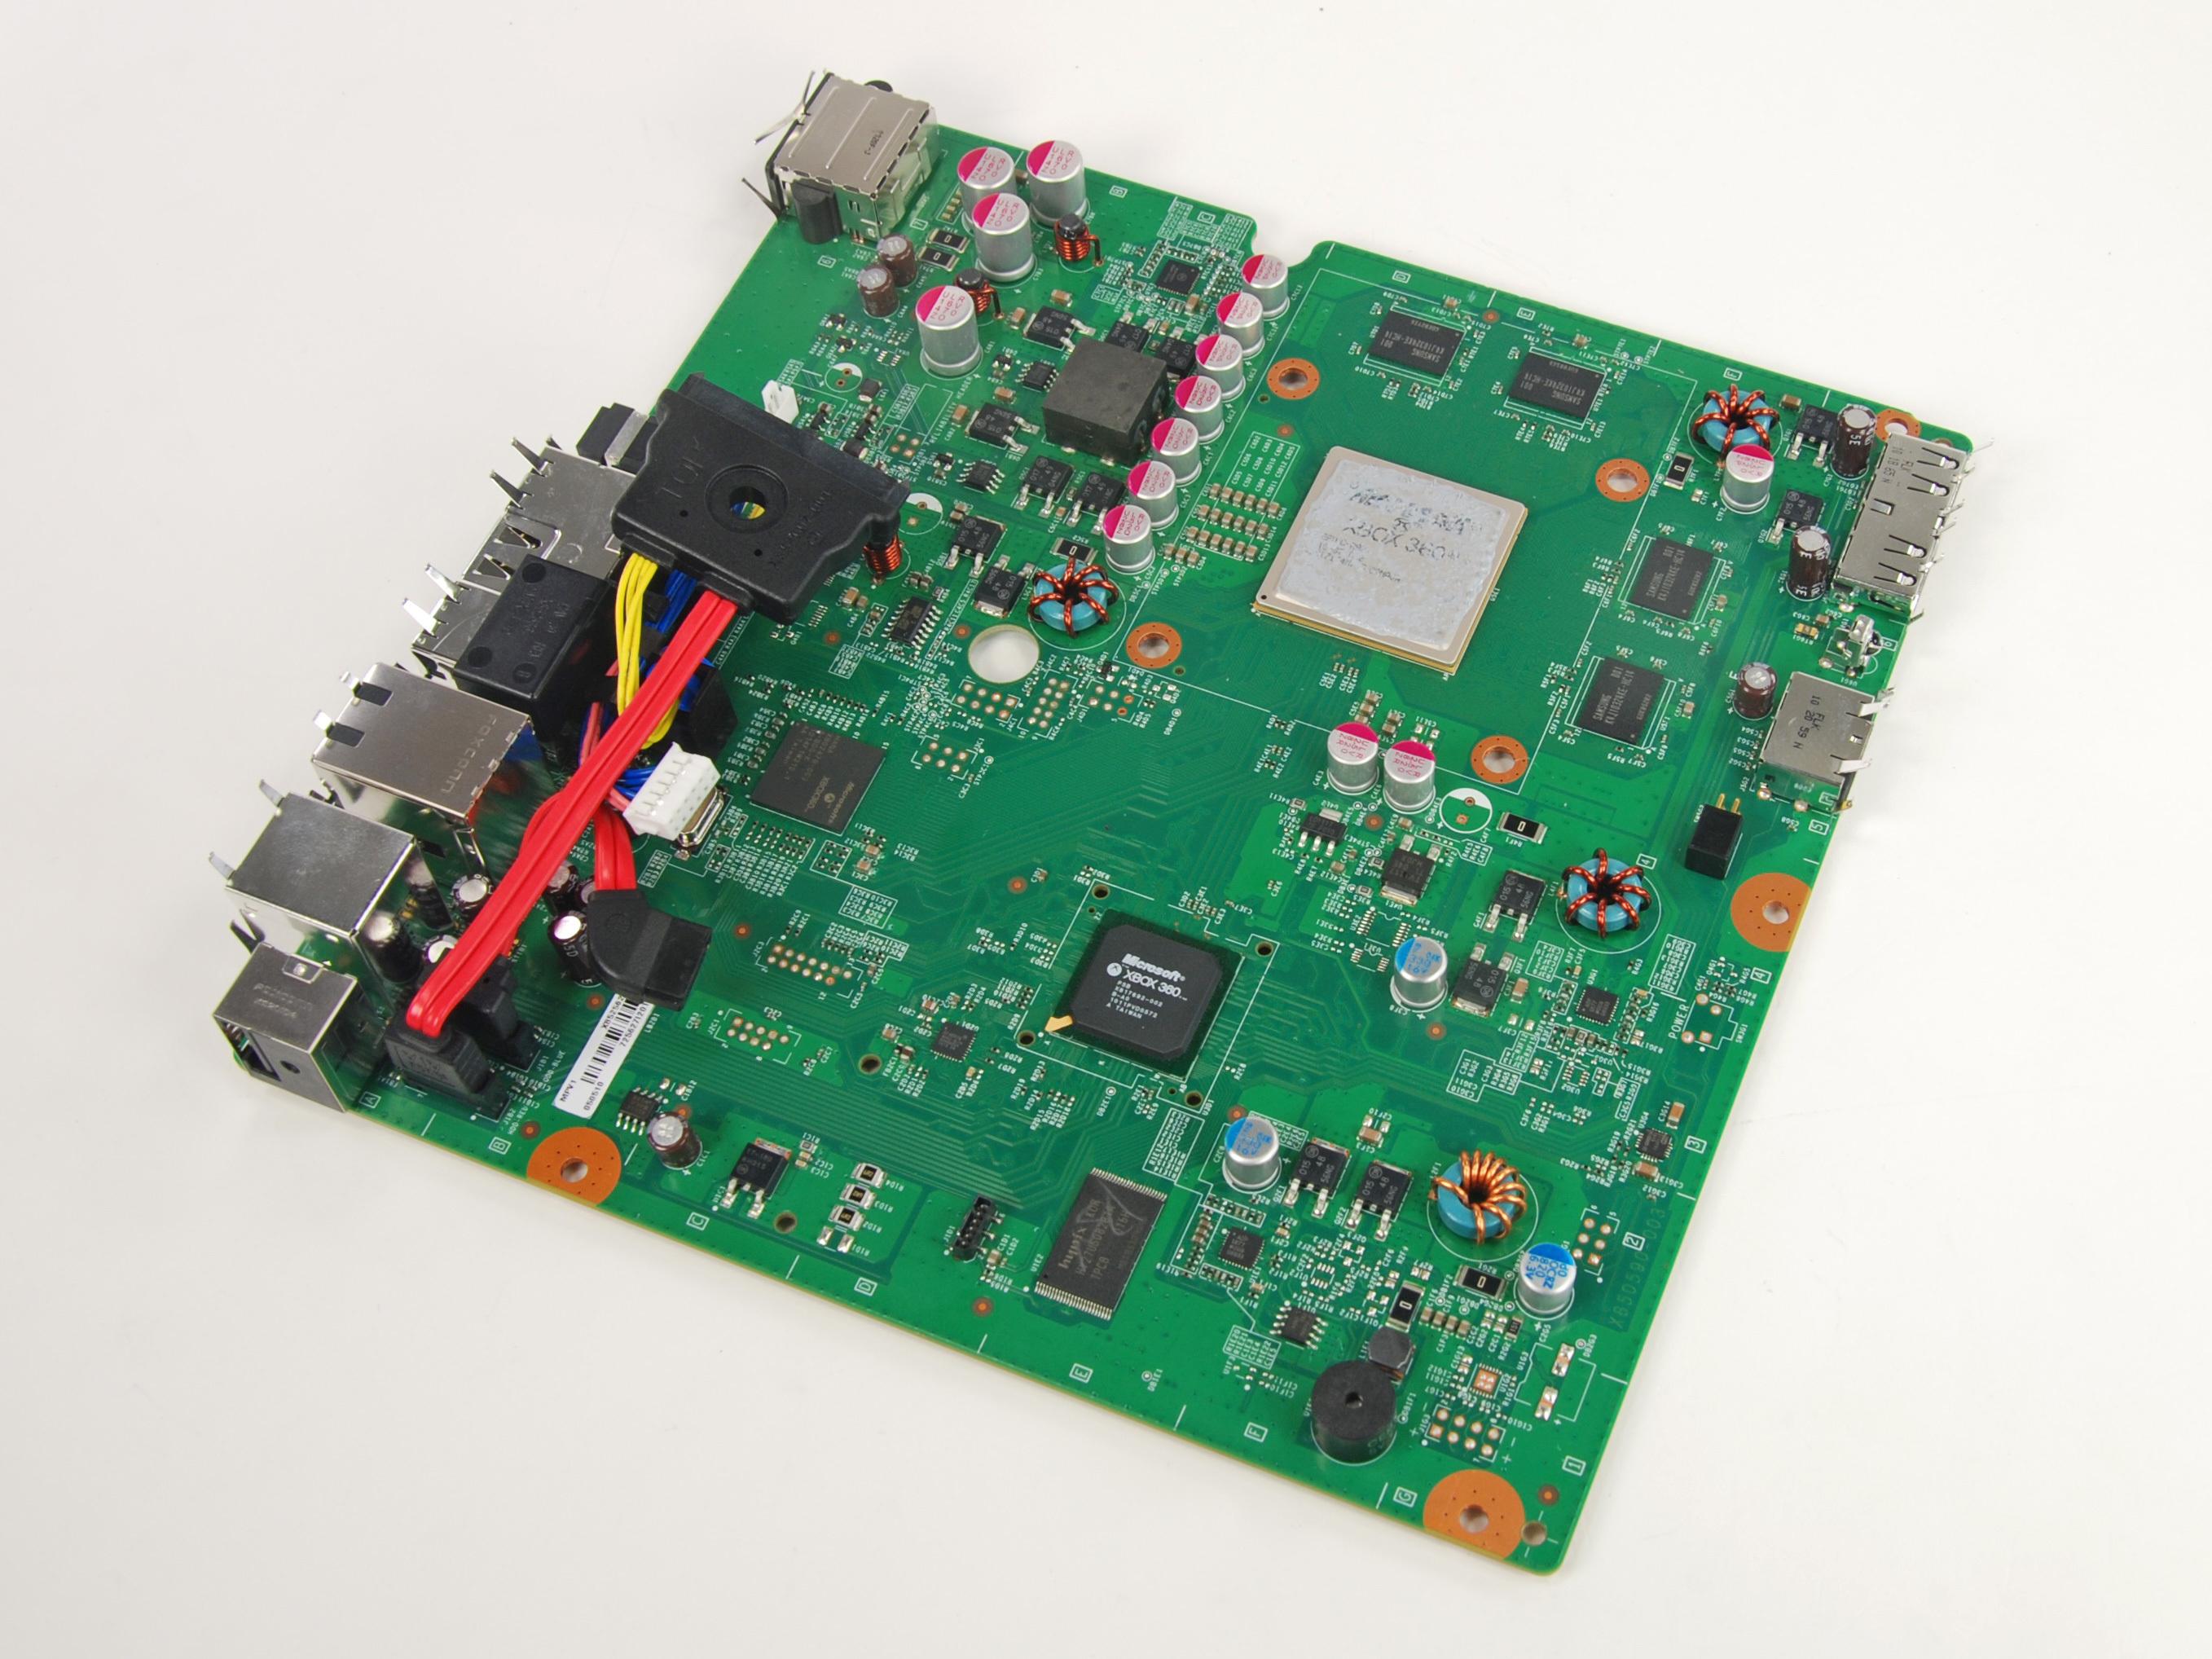 vhnvoFpnRtMq3jgi Xbox Motherboard Fuse on wii u motherboard, ps4 motherboard, xbox support number 1800, iphone motherboard, ipad 2 motherboard, playstation 4 motherboard, small robot motherboard, commodore pet motherboard, 360 controller motherboard, xbox slim motherboard, ps2 motherboard, playstation 1 motherboard, sega dreamcast motherboard, xbox clock capacitor, game console motherboard, nintendo motherboard, original xbox motherboard, xbox motherboard types, xbox v1, sega genesis motherboard,